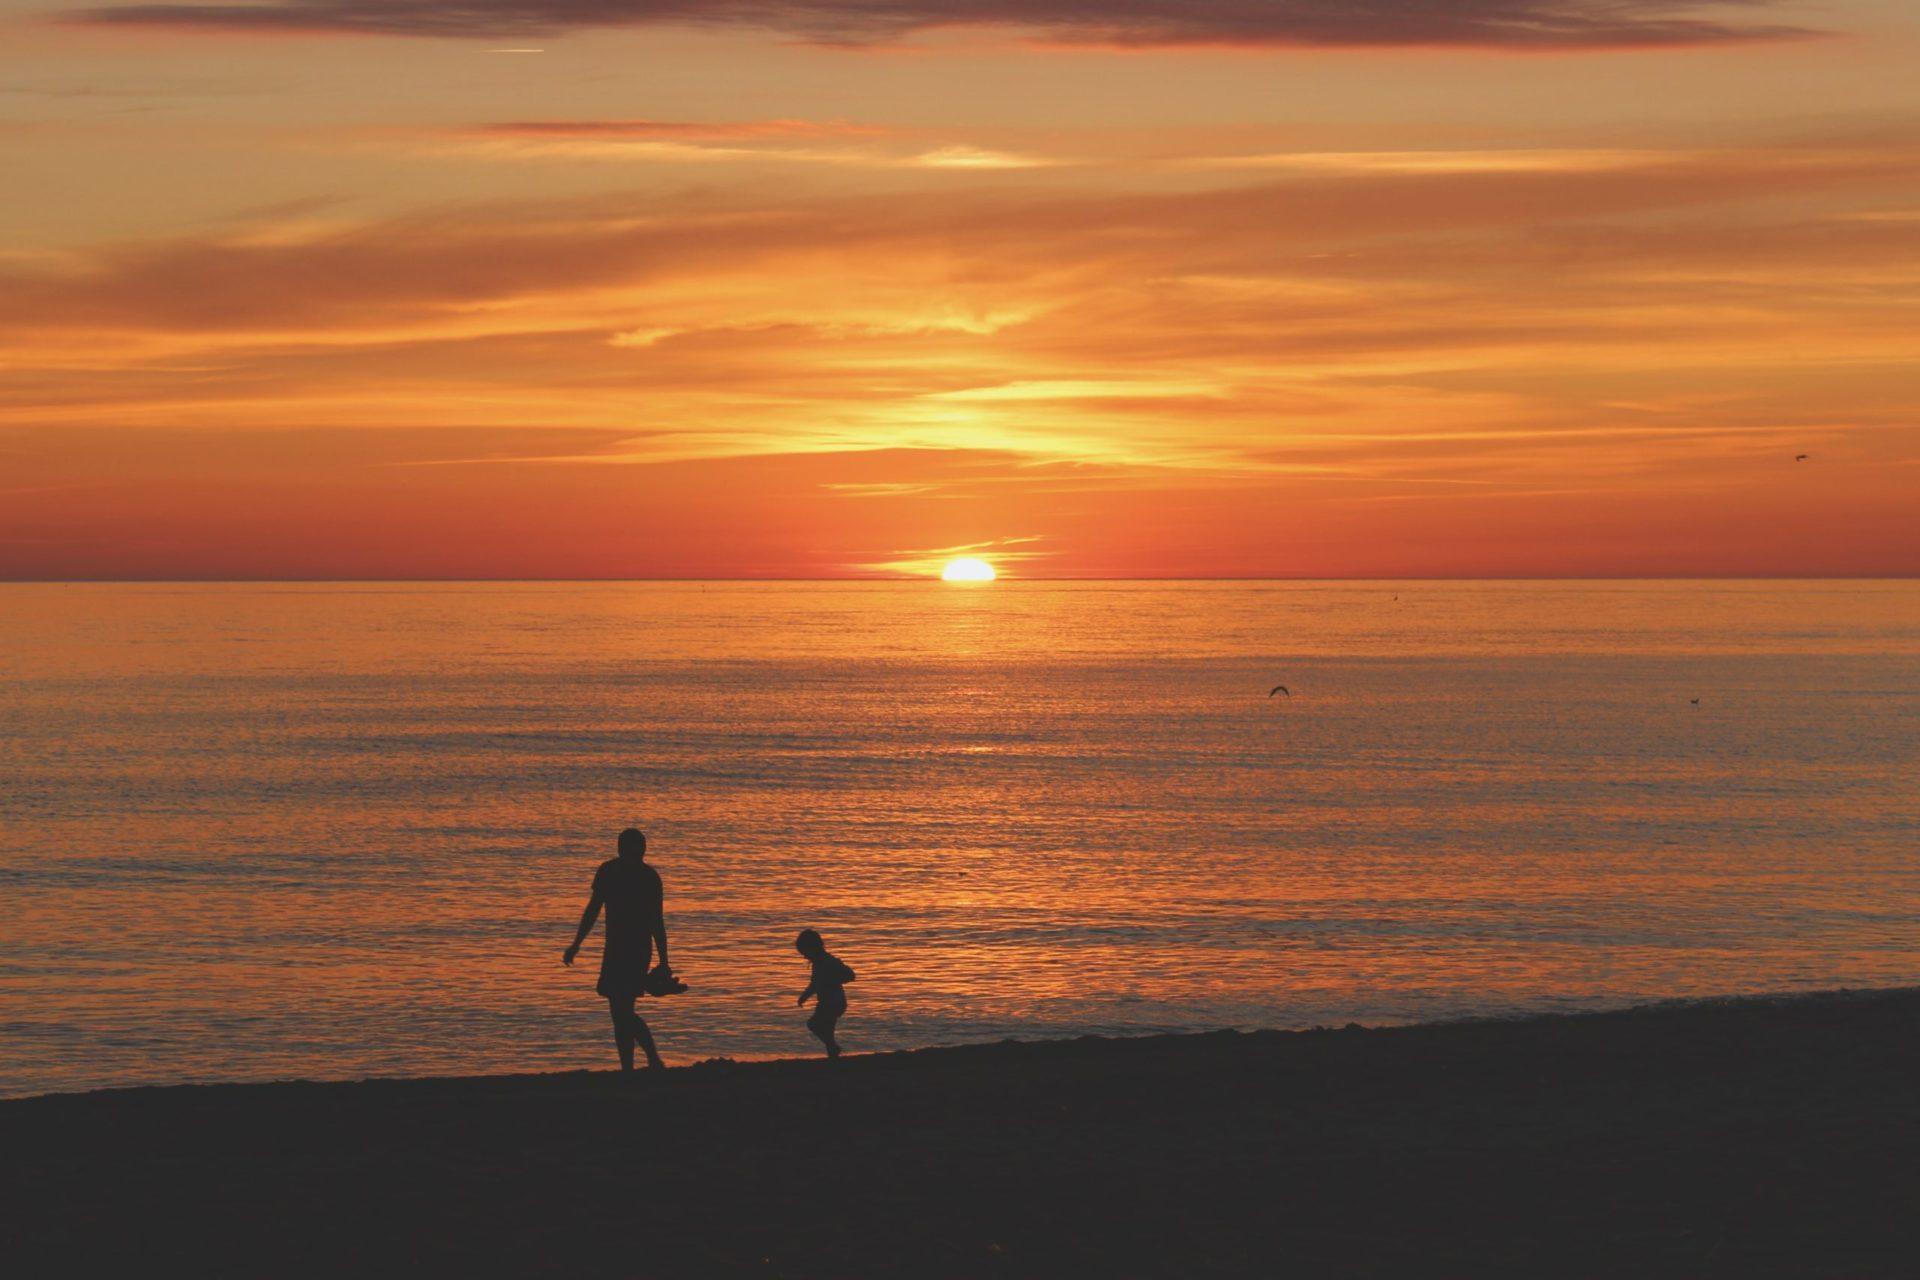 En vuxen och ett barn vis strandkant i solnedgång.